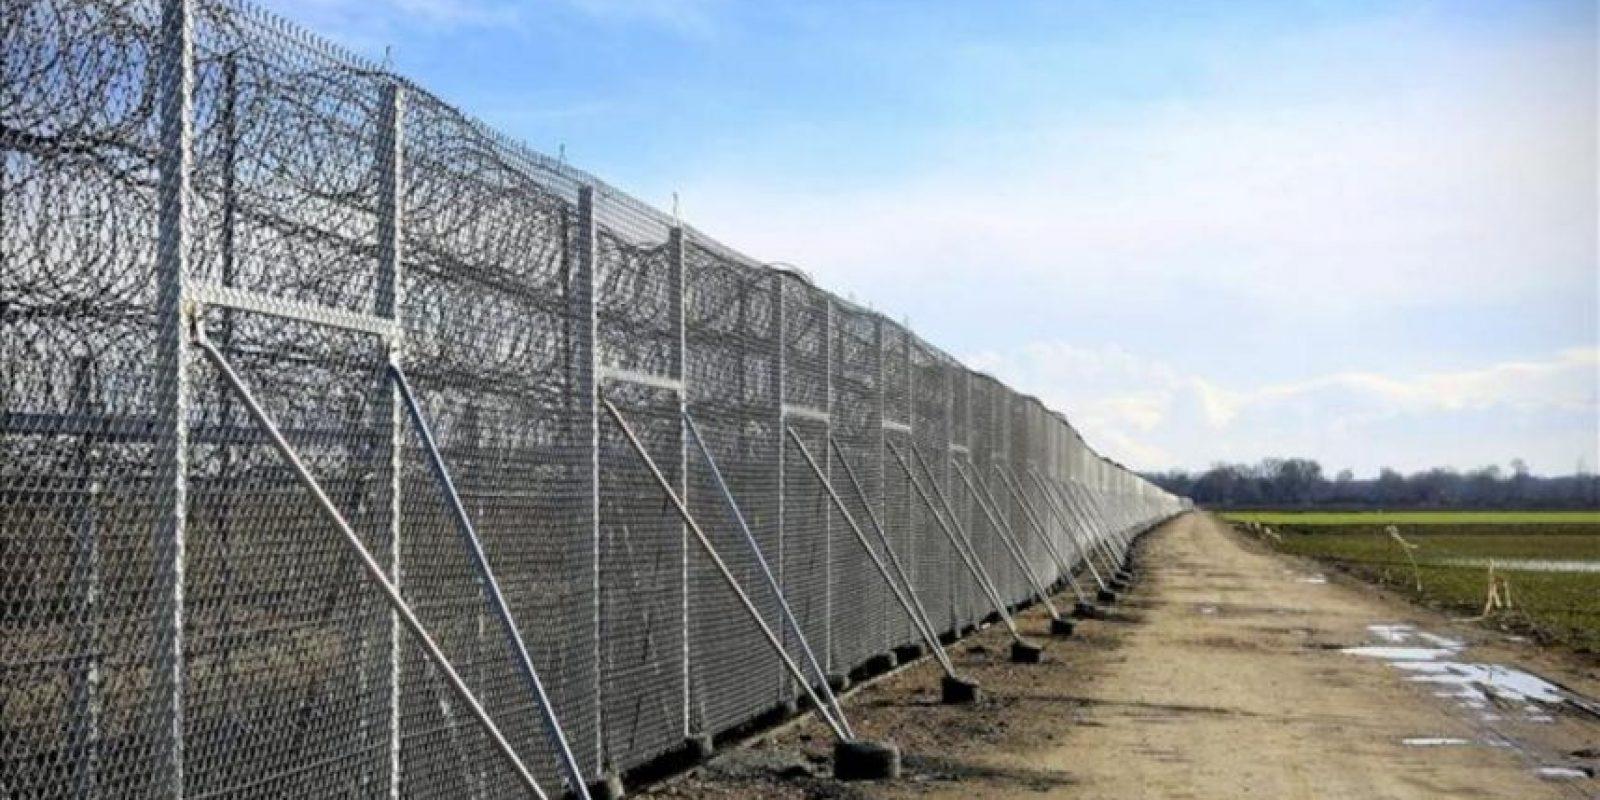 Muro de reciente construcción en la frontera greco-turca. La valla, de 10,3 kilómetros de longitud, 4 metros de alto y coronada por alambre de espino, ha sido elevada sobre las huertas que antes hacían de frontera entre estos dos países. EFE